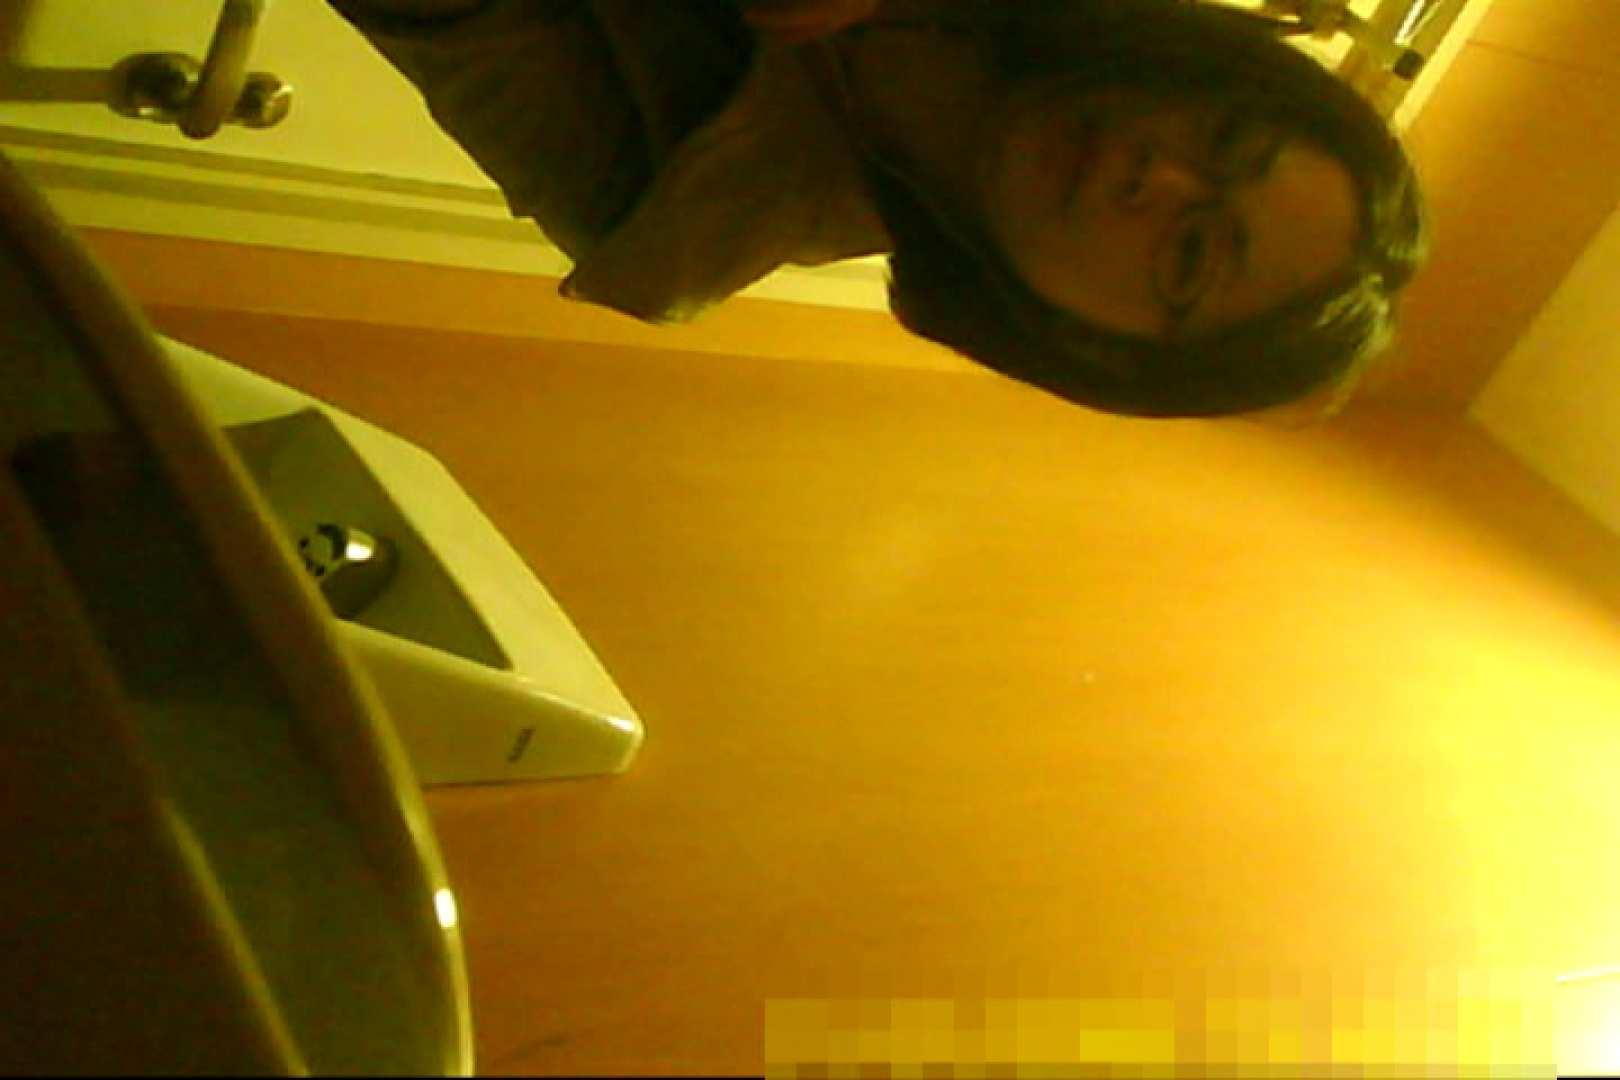 魅惑の化粧室~禁断のプライベート空間~29 盗撮エロすぎ   プライベート  80連発 36